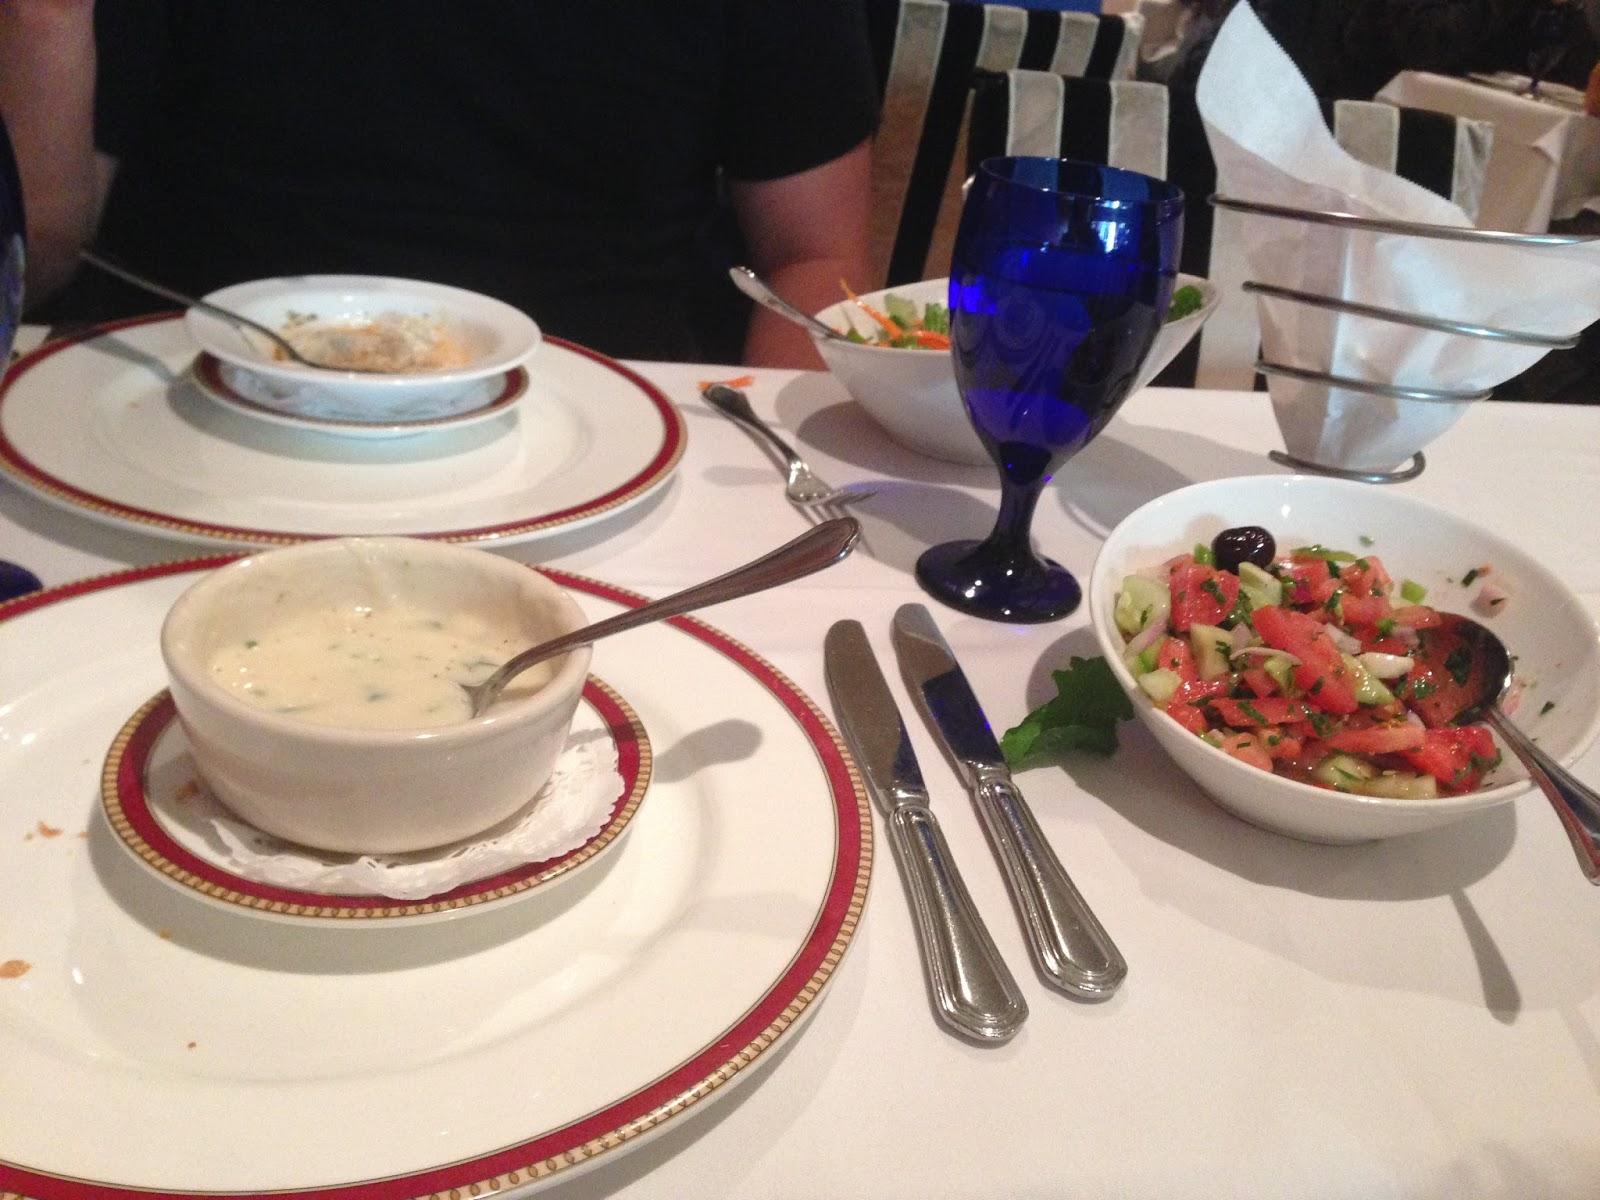 turkish kitchen, new york, united states - ijustwantfood